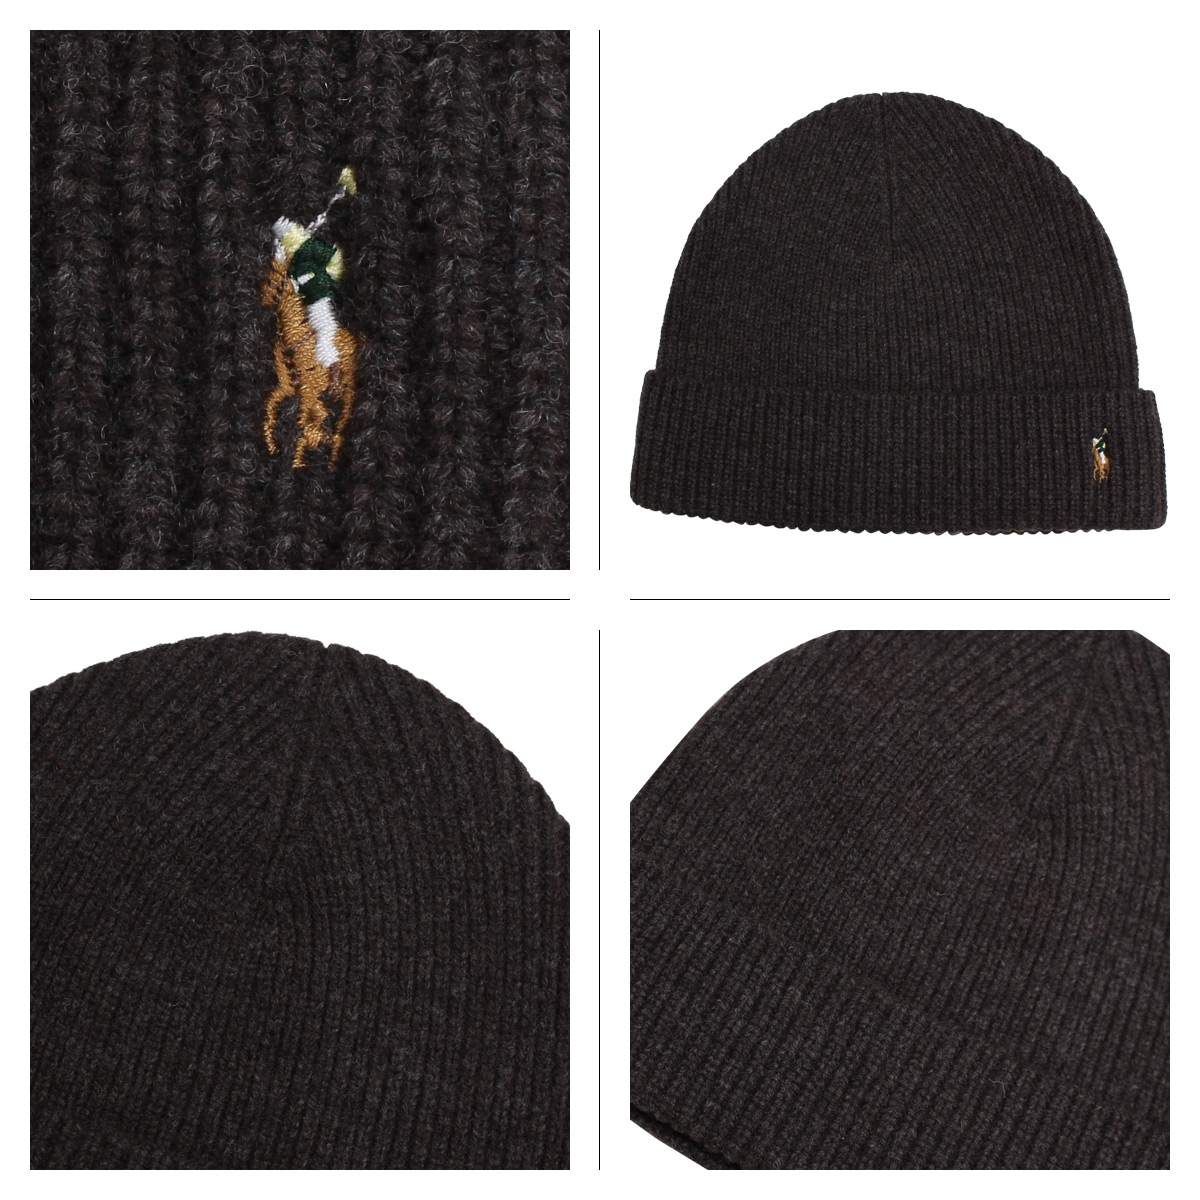 3731342ab9 POLO RALPH LAUREN SIGNATURE MERINO CUFF HAT polo Ralph Lauren knit hat knit  cap beanie men gap Dis merino wool 6F0101 [191]